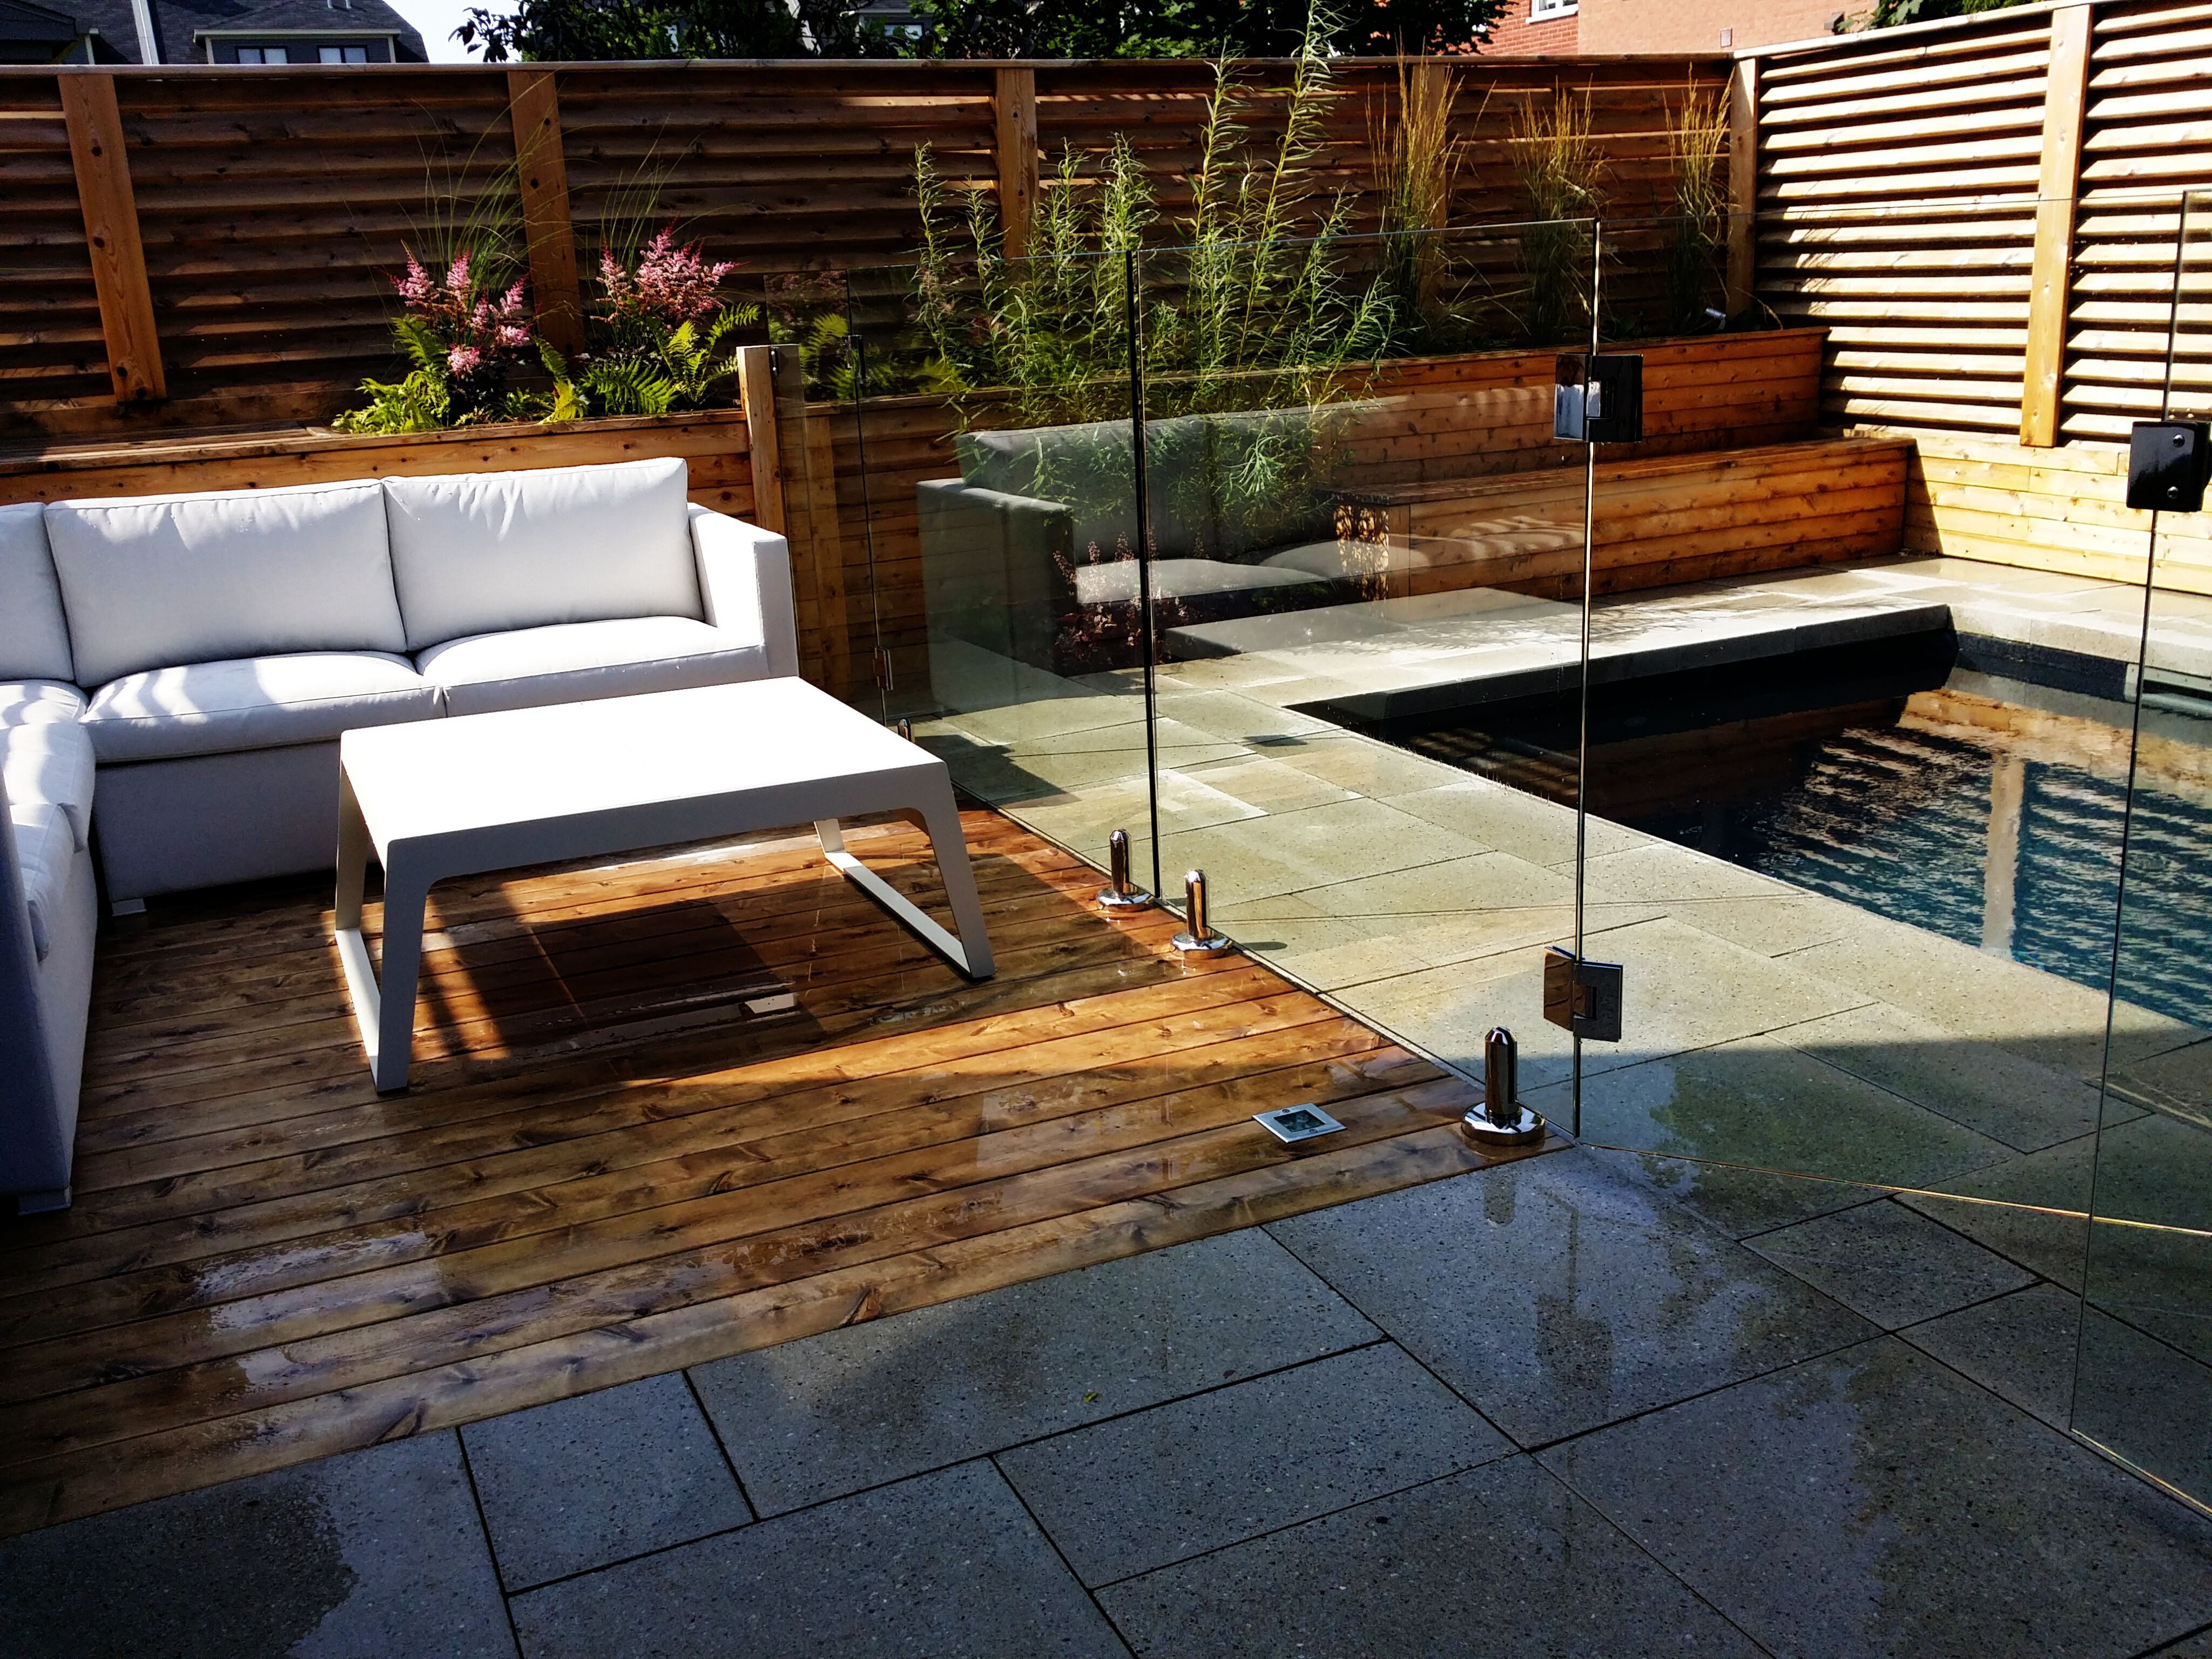 Terrasse en bois de c dre avec lumi res encastr es cran for Mobilier exterieur bois